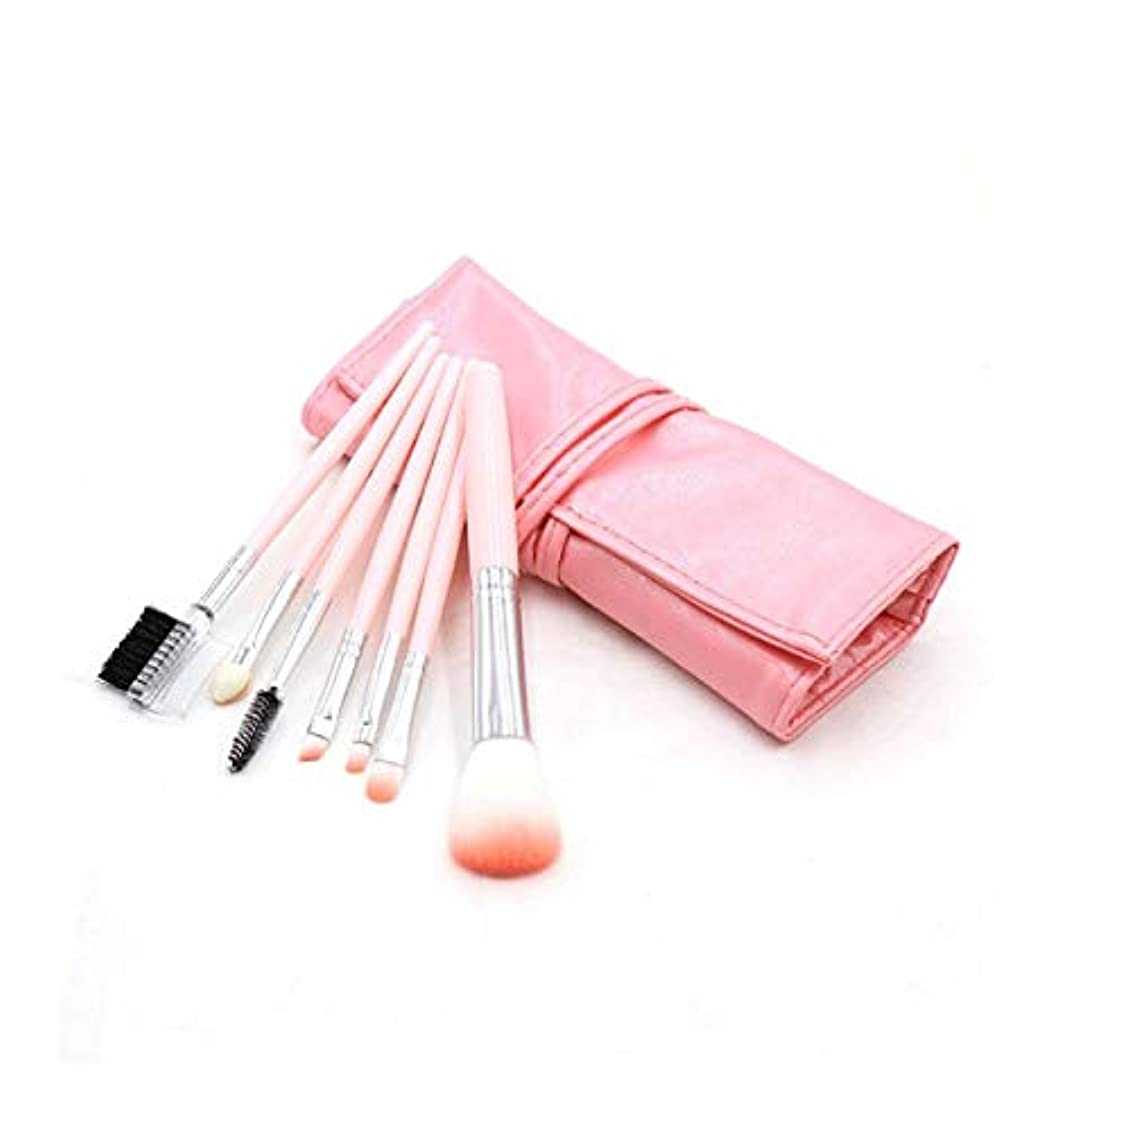 観点登山家どんなときも化粧ブラシセット、ピンク7化粧ブラシ化粧ブラシセットアイシャドウブラシリップブラシ美容化粧道具